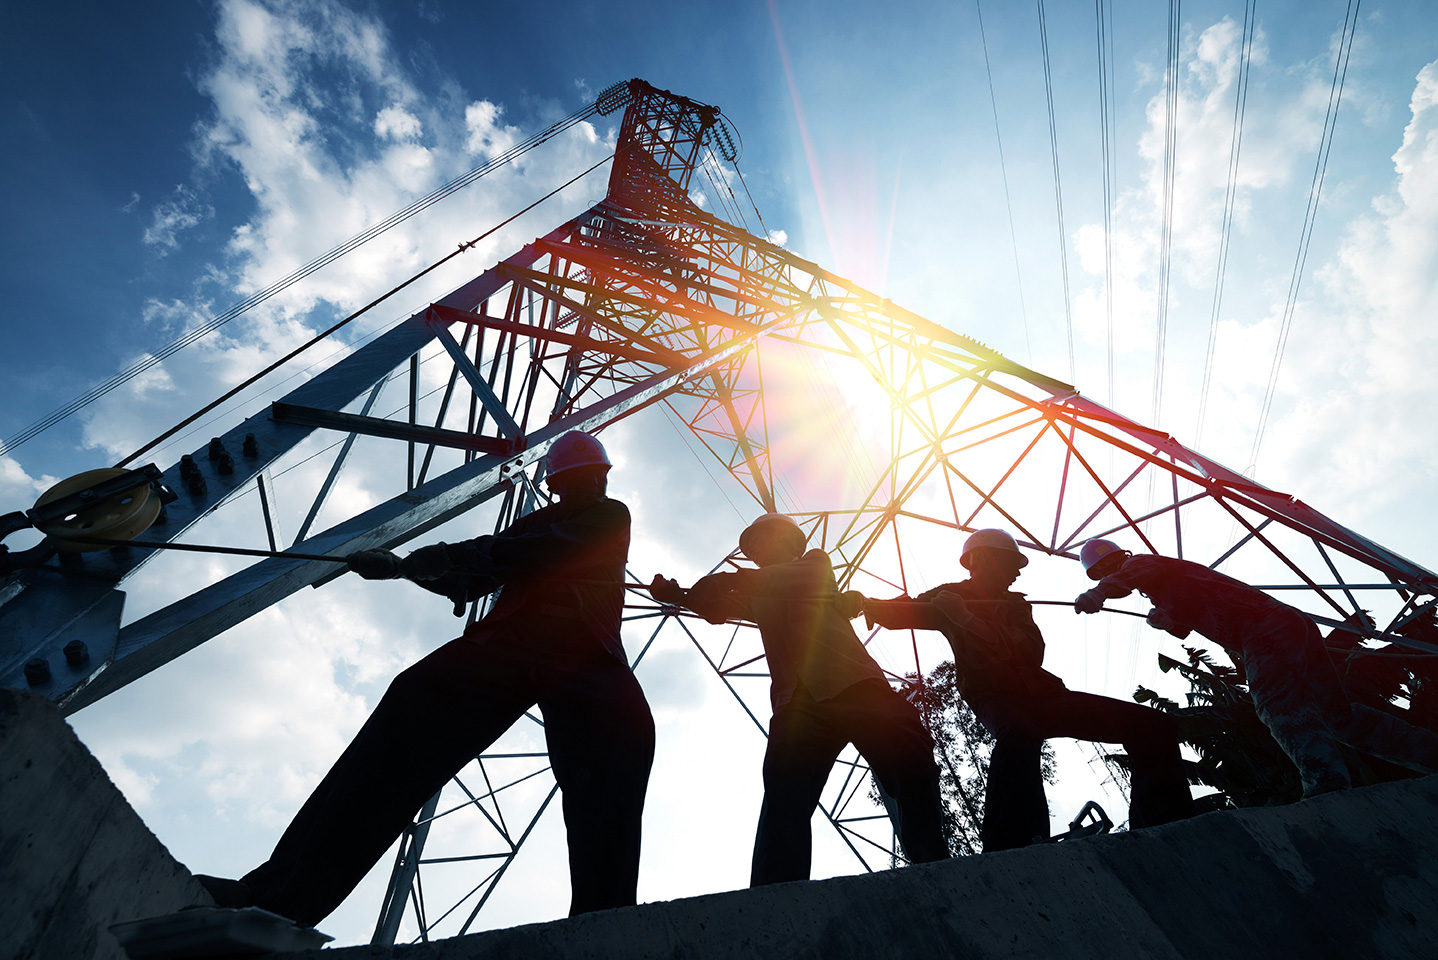 Contexto Económico De La Inversión En Construcción Para El 2017